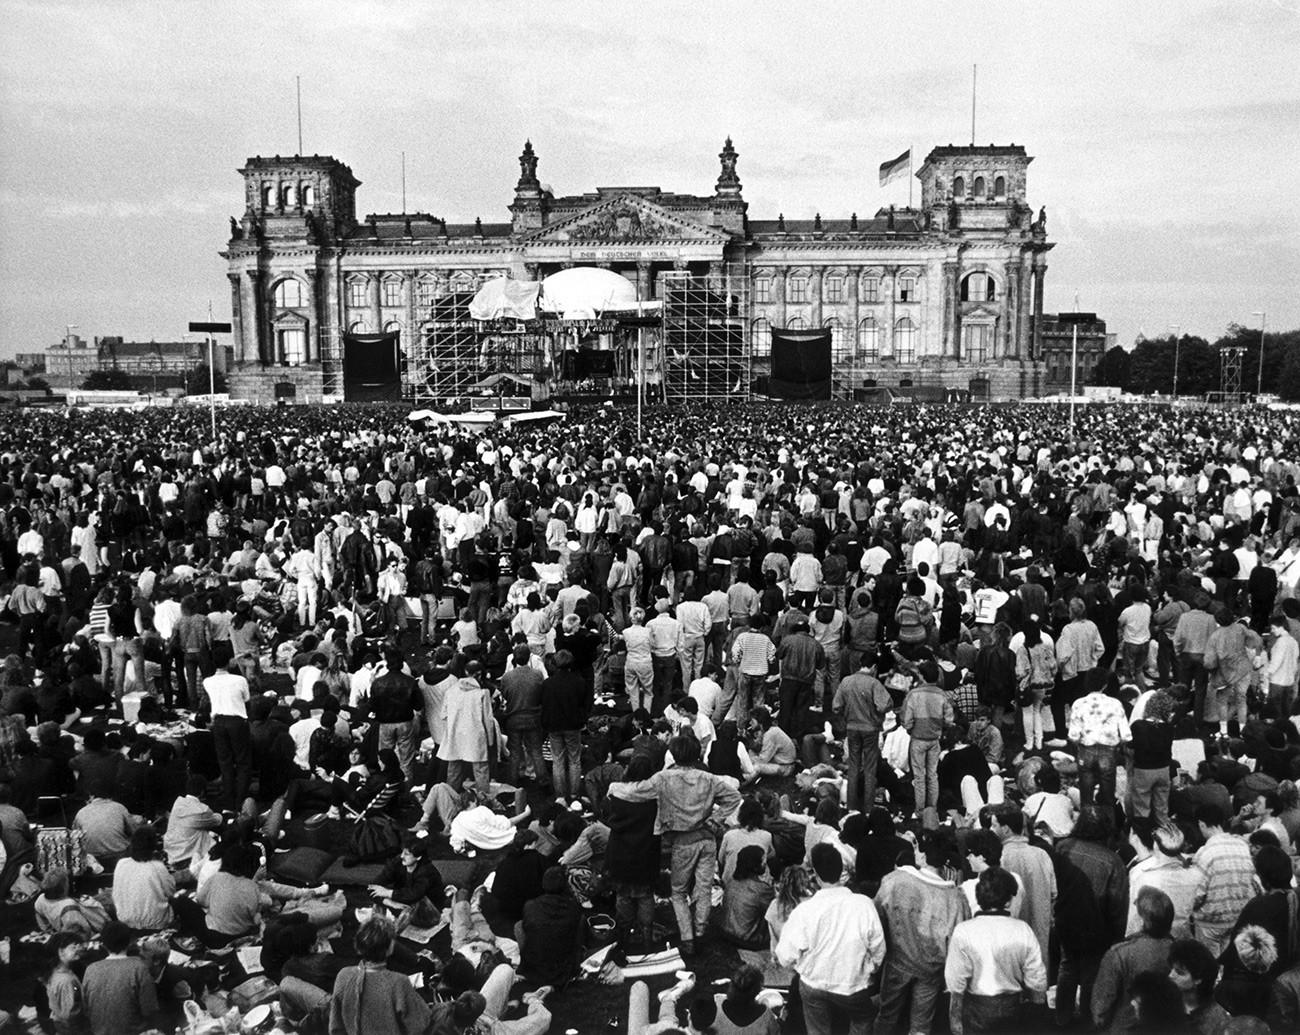 Orang-orang berkumpul saat menonton konser musisi Inggris David Bowie di depan gedung Reichstag, Berlin Barat , 6 Juni 1987.